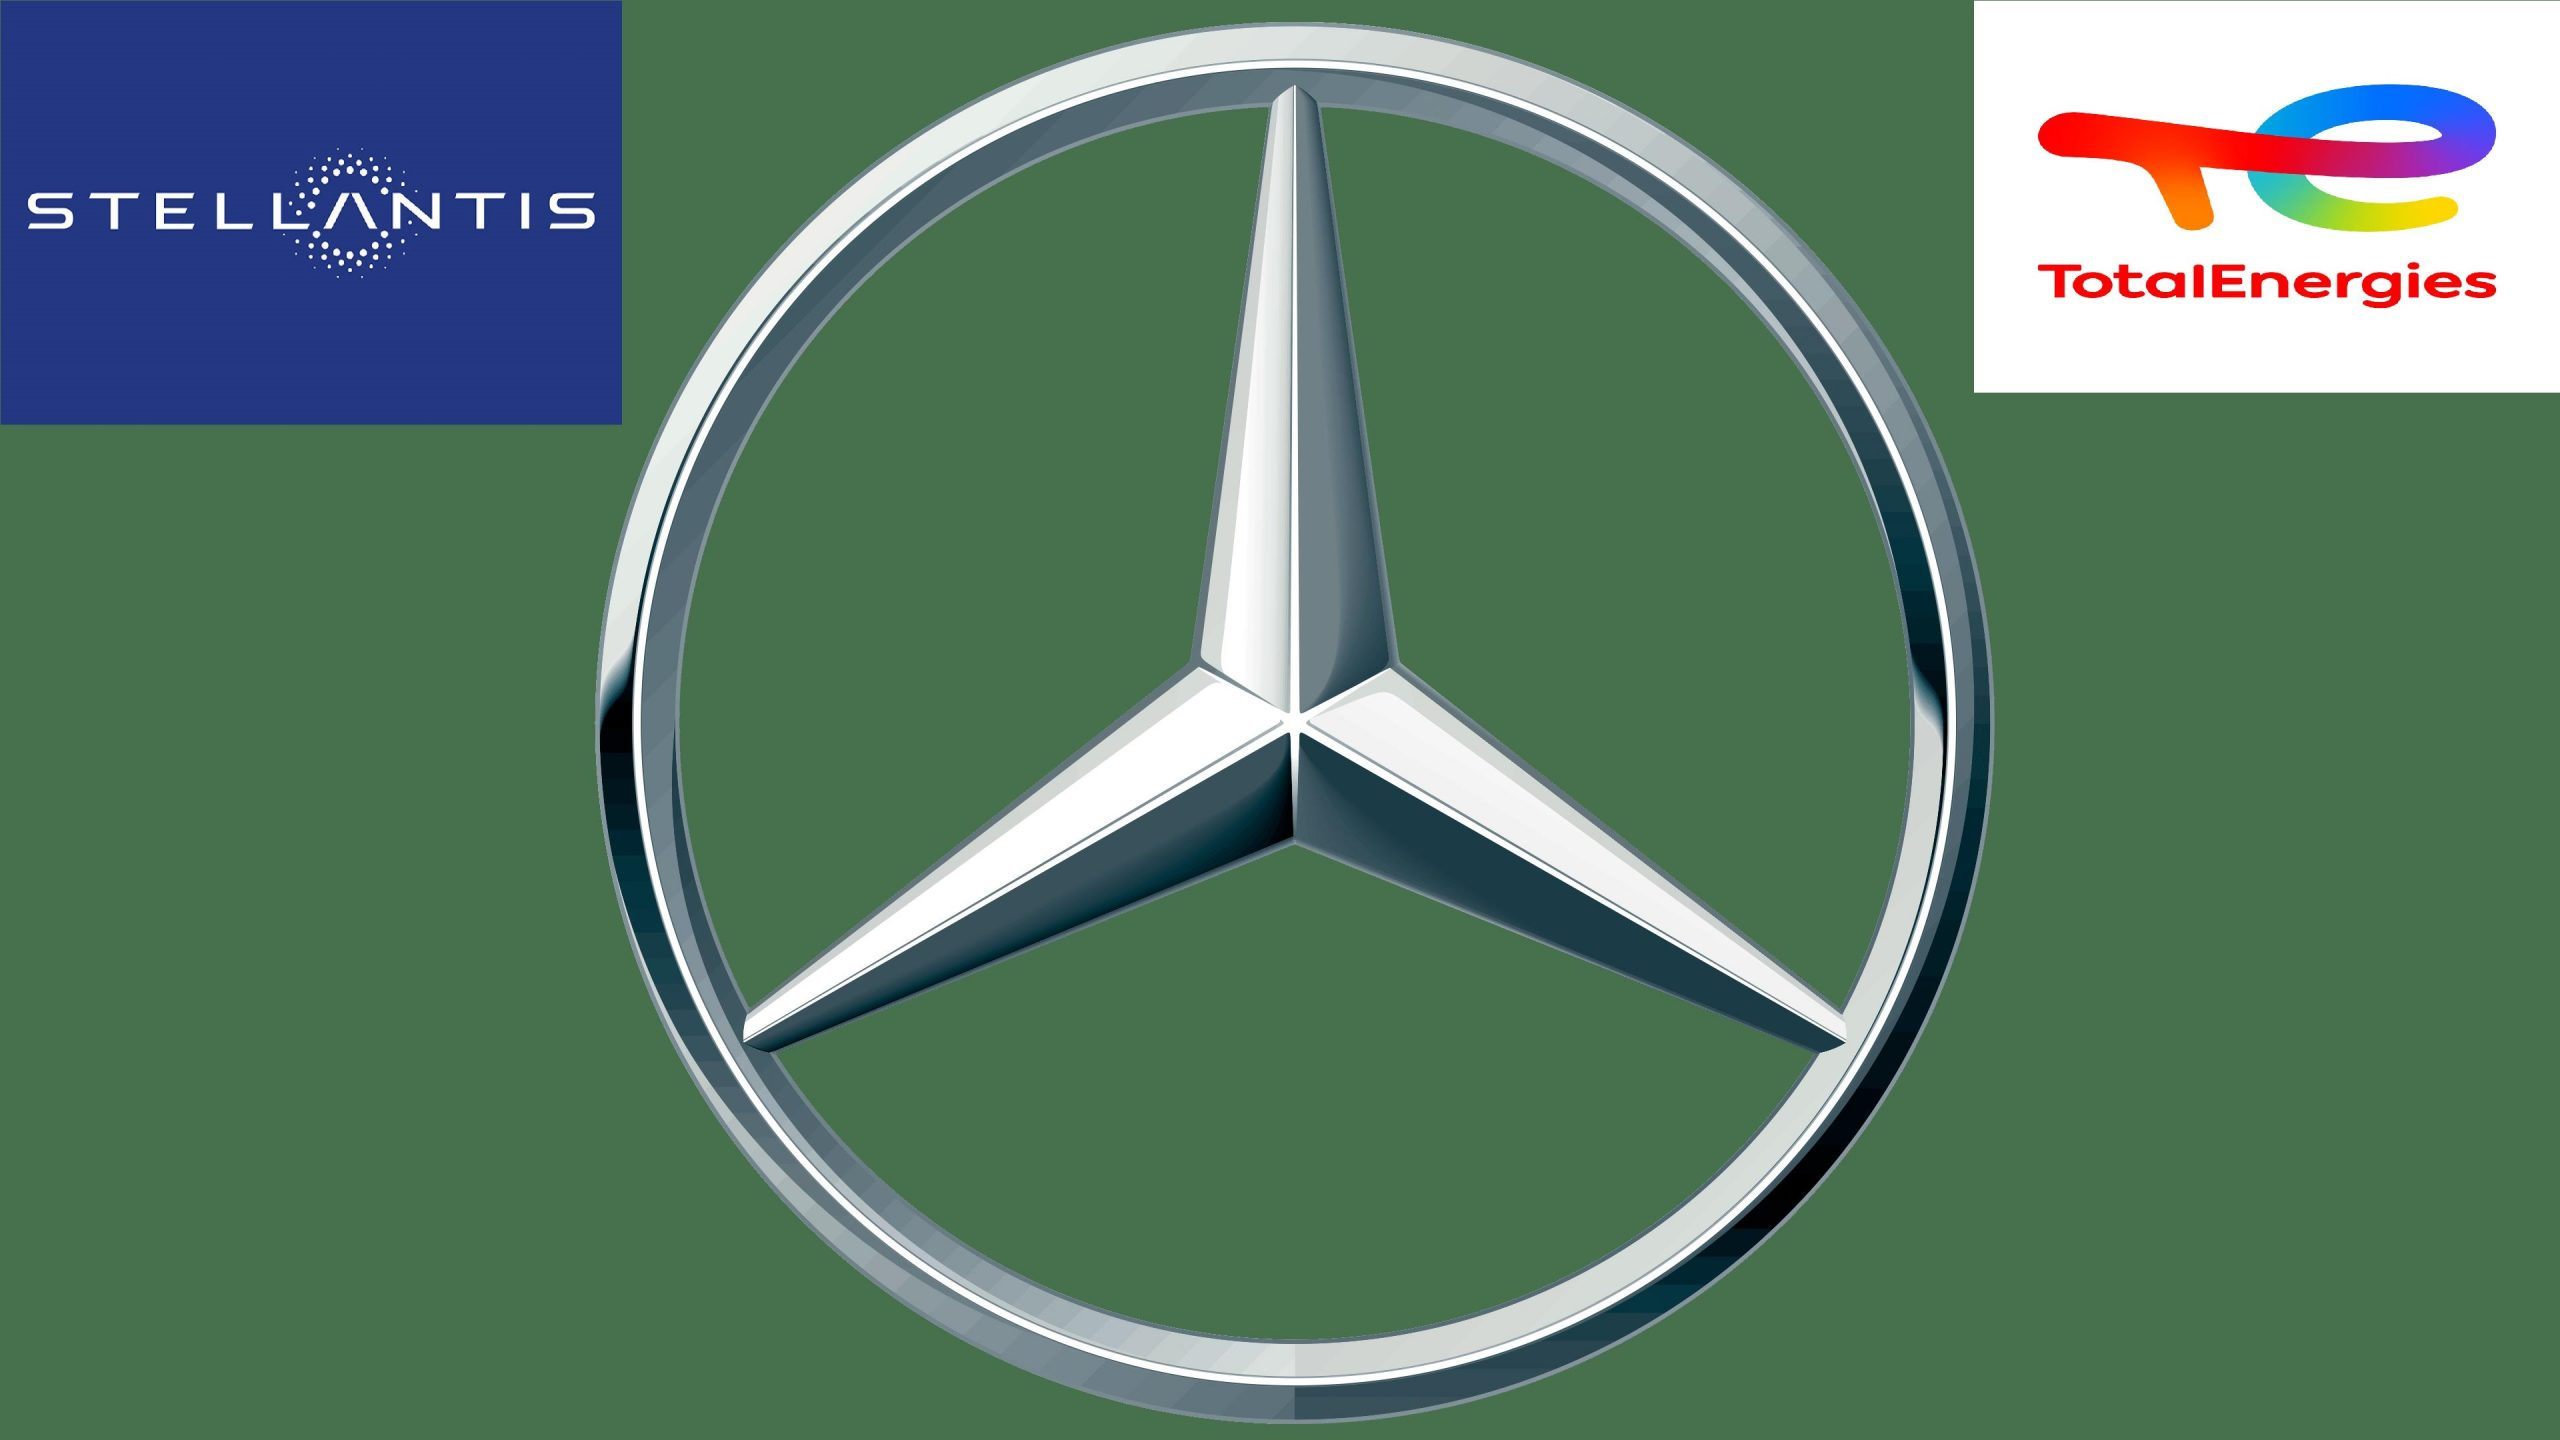 Mercedes-Benz, Stellantis ve TotalEnergies güçlerini birleştiriyor